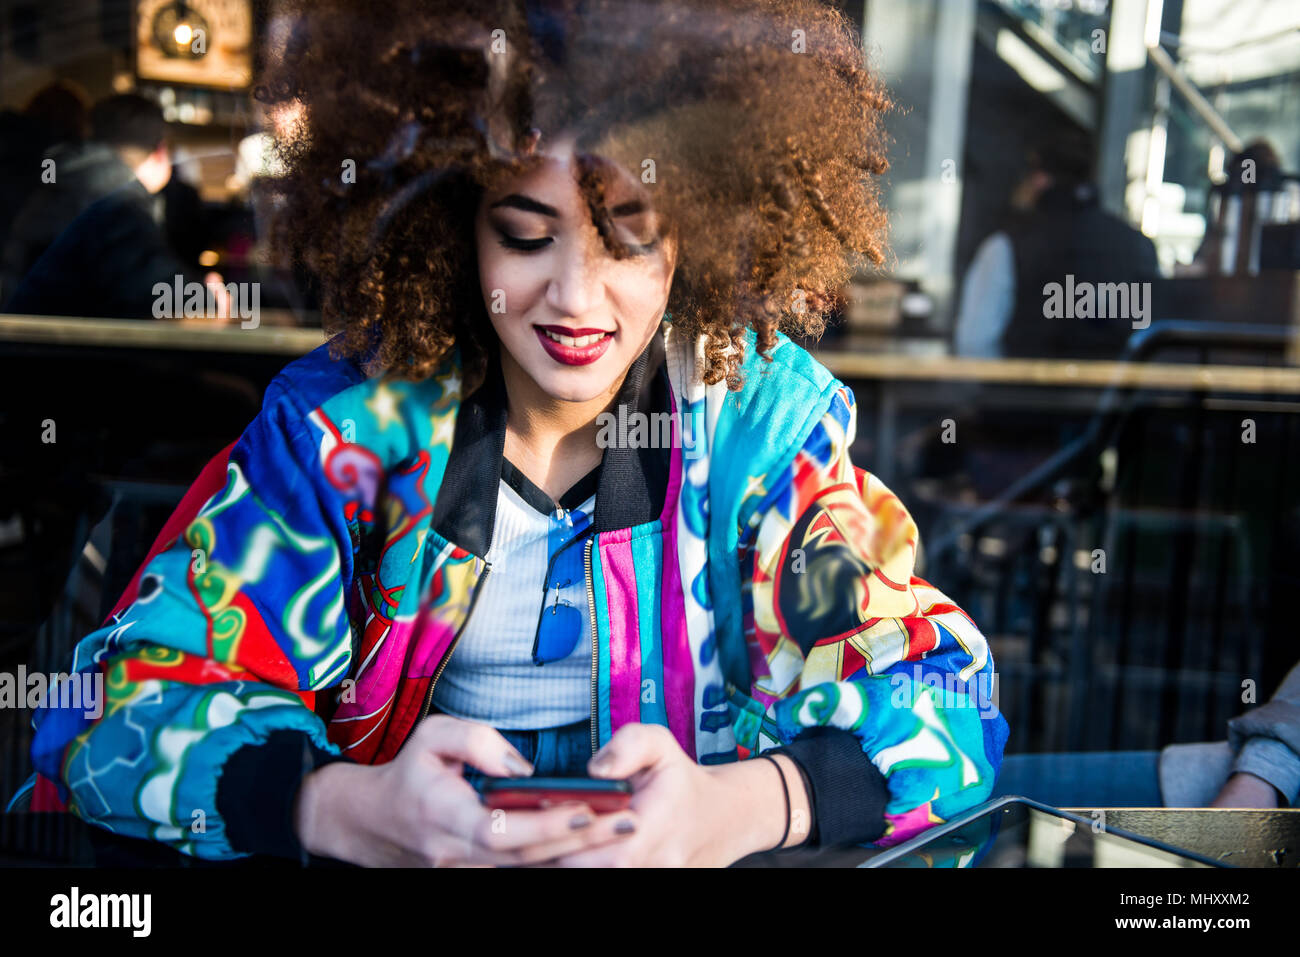 Giovane ragazza seduta nel bar, utilizza lo smartphone, vista attraverso la finestra, London, England, Regno Unito Immagini Stock